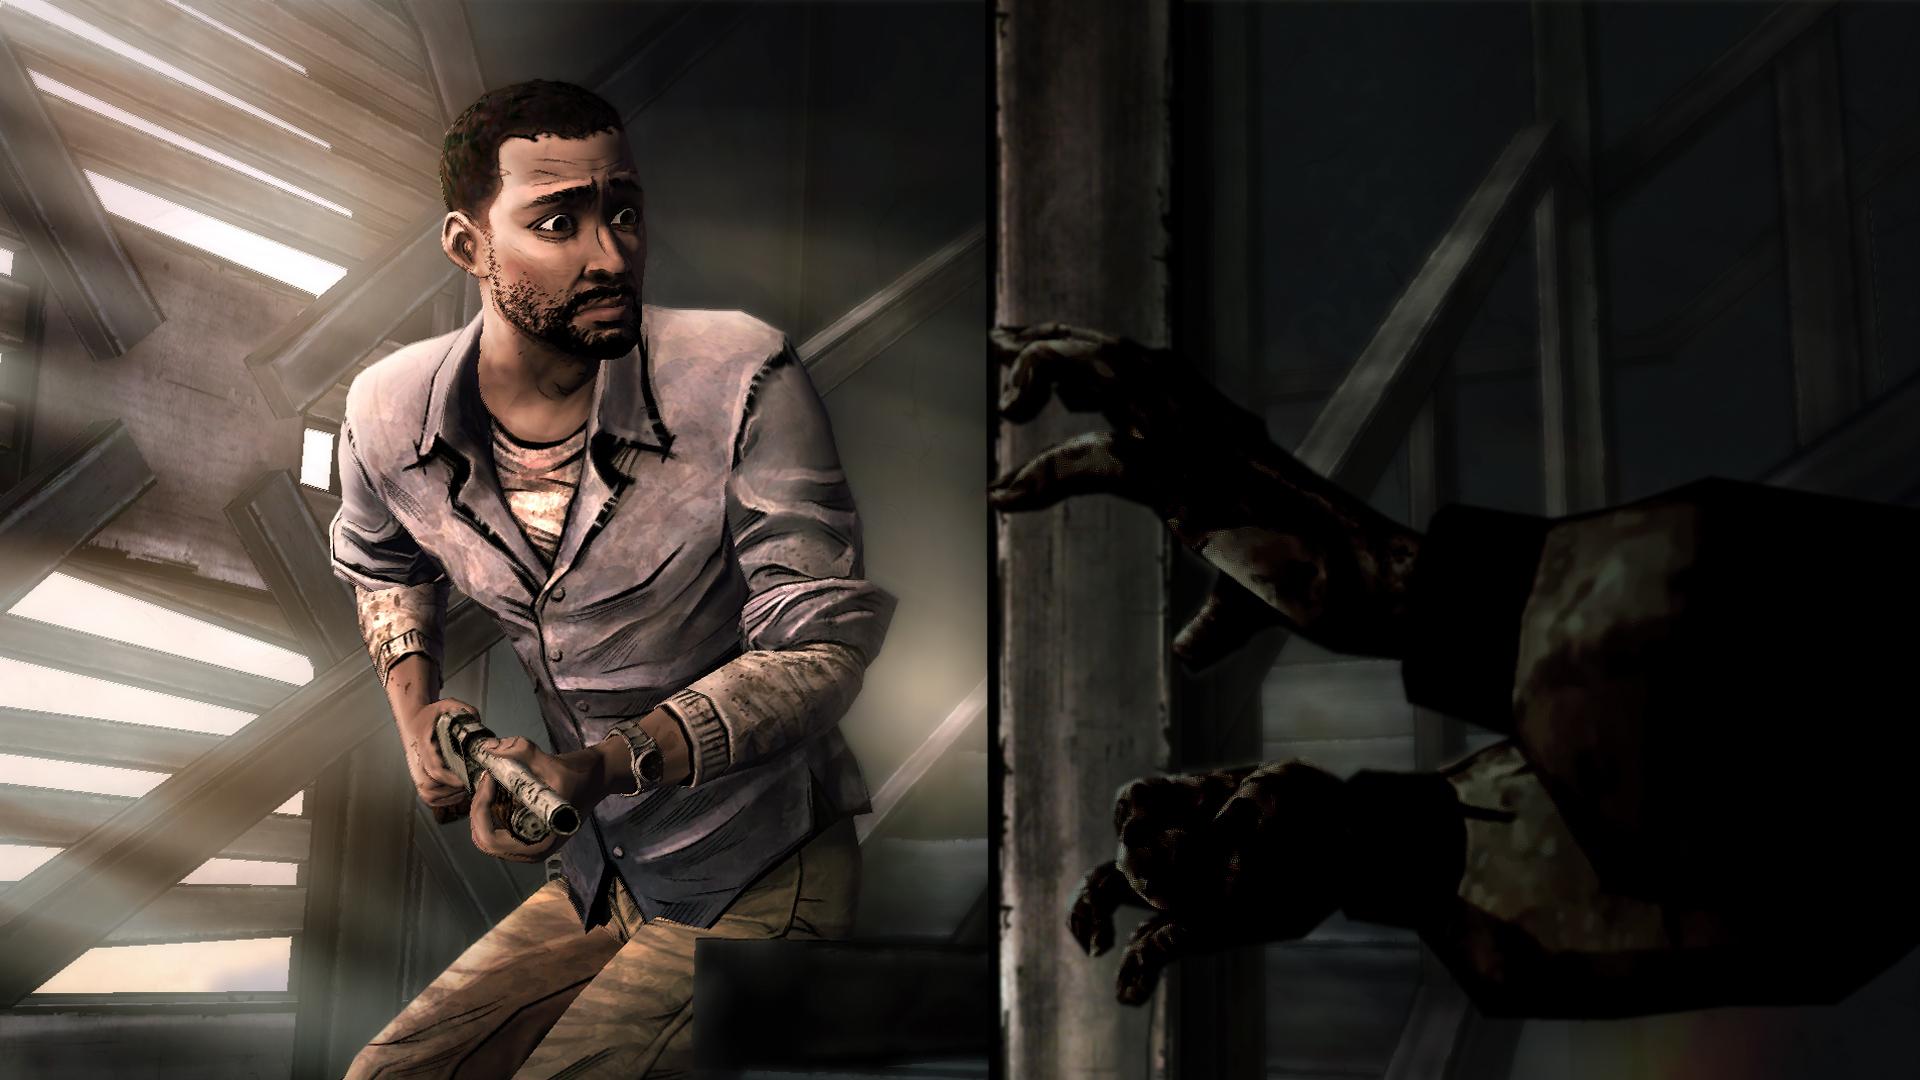 Arte videojuegos y lágrimas – parte 3 the walking dead